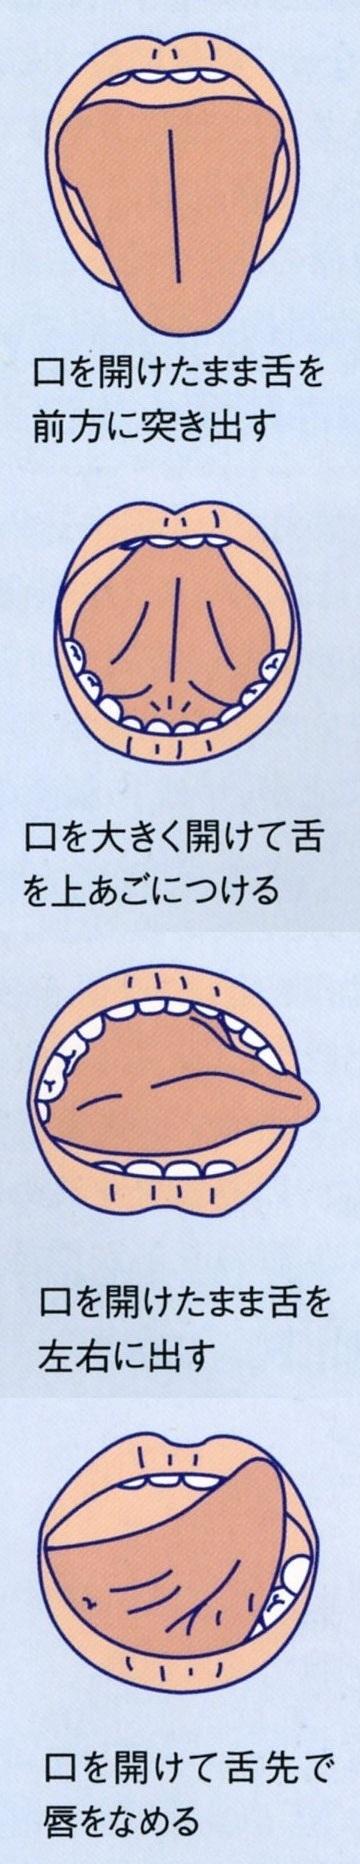 舌・唾液腺運動1234